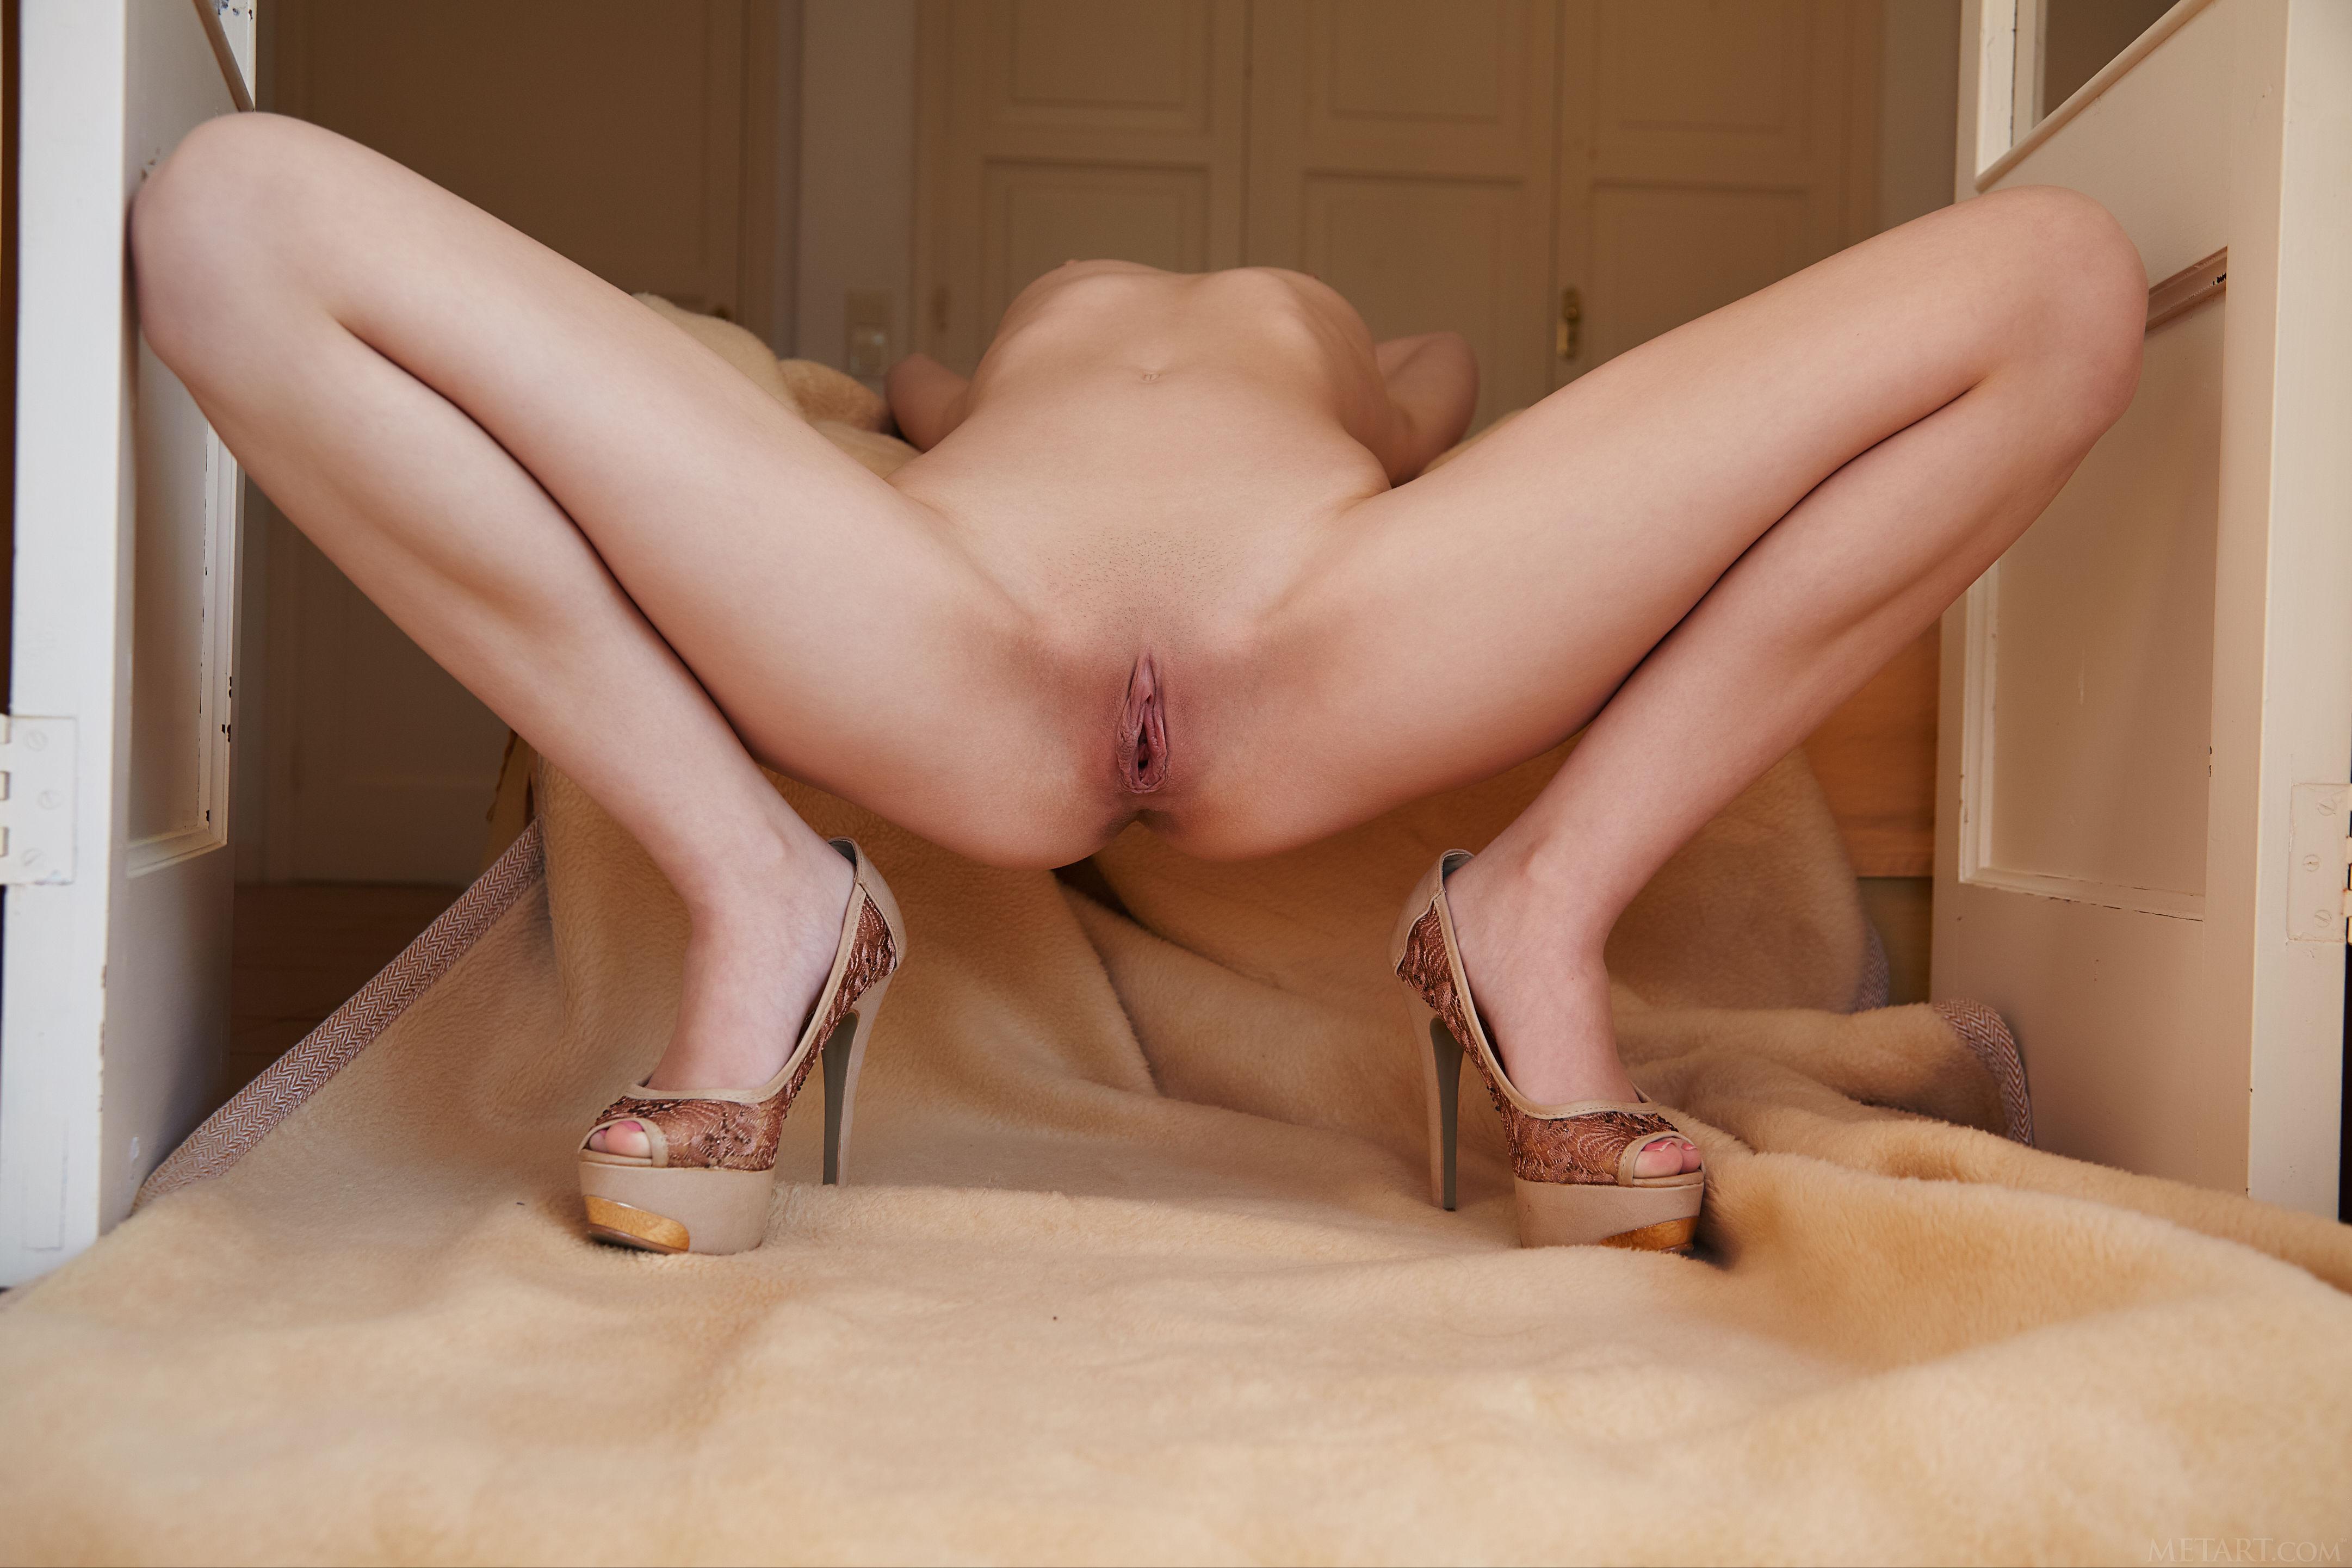 Пизда с красивыми ножками большая женская грудь